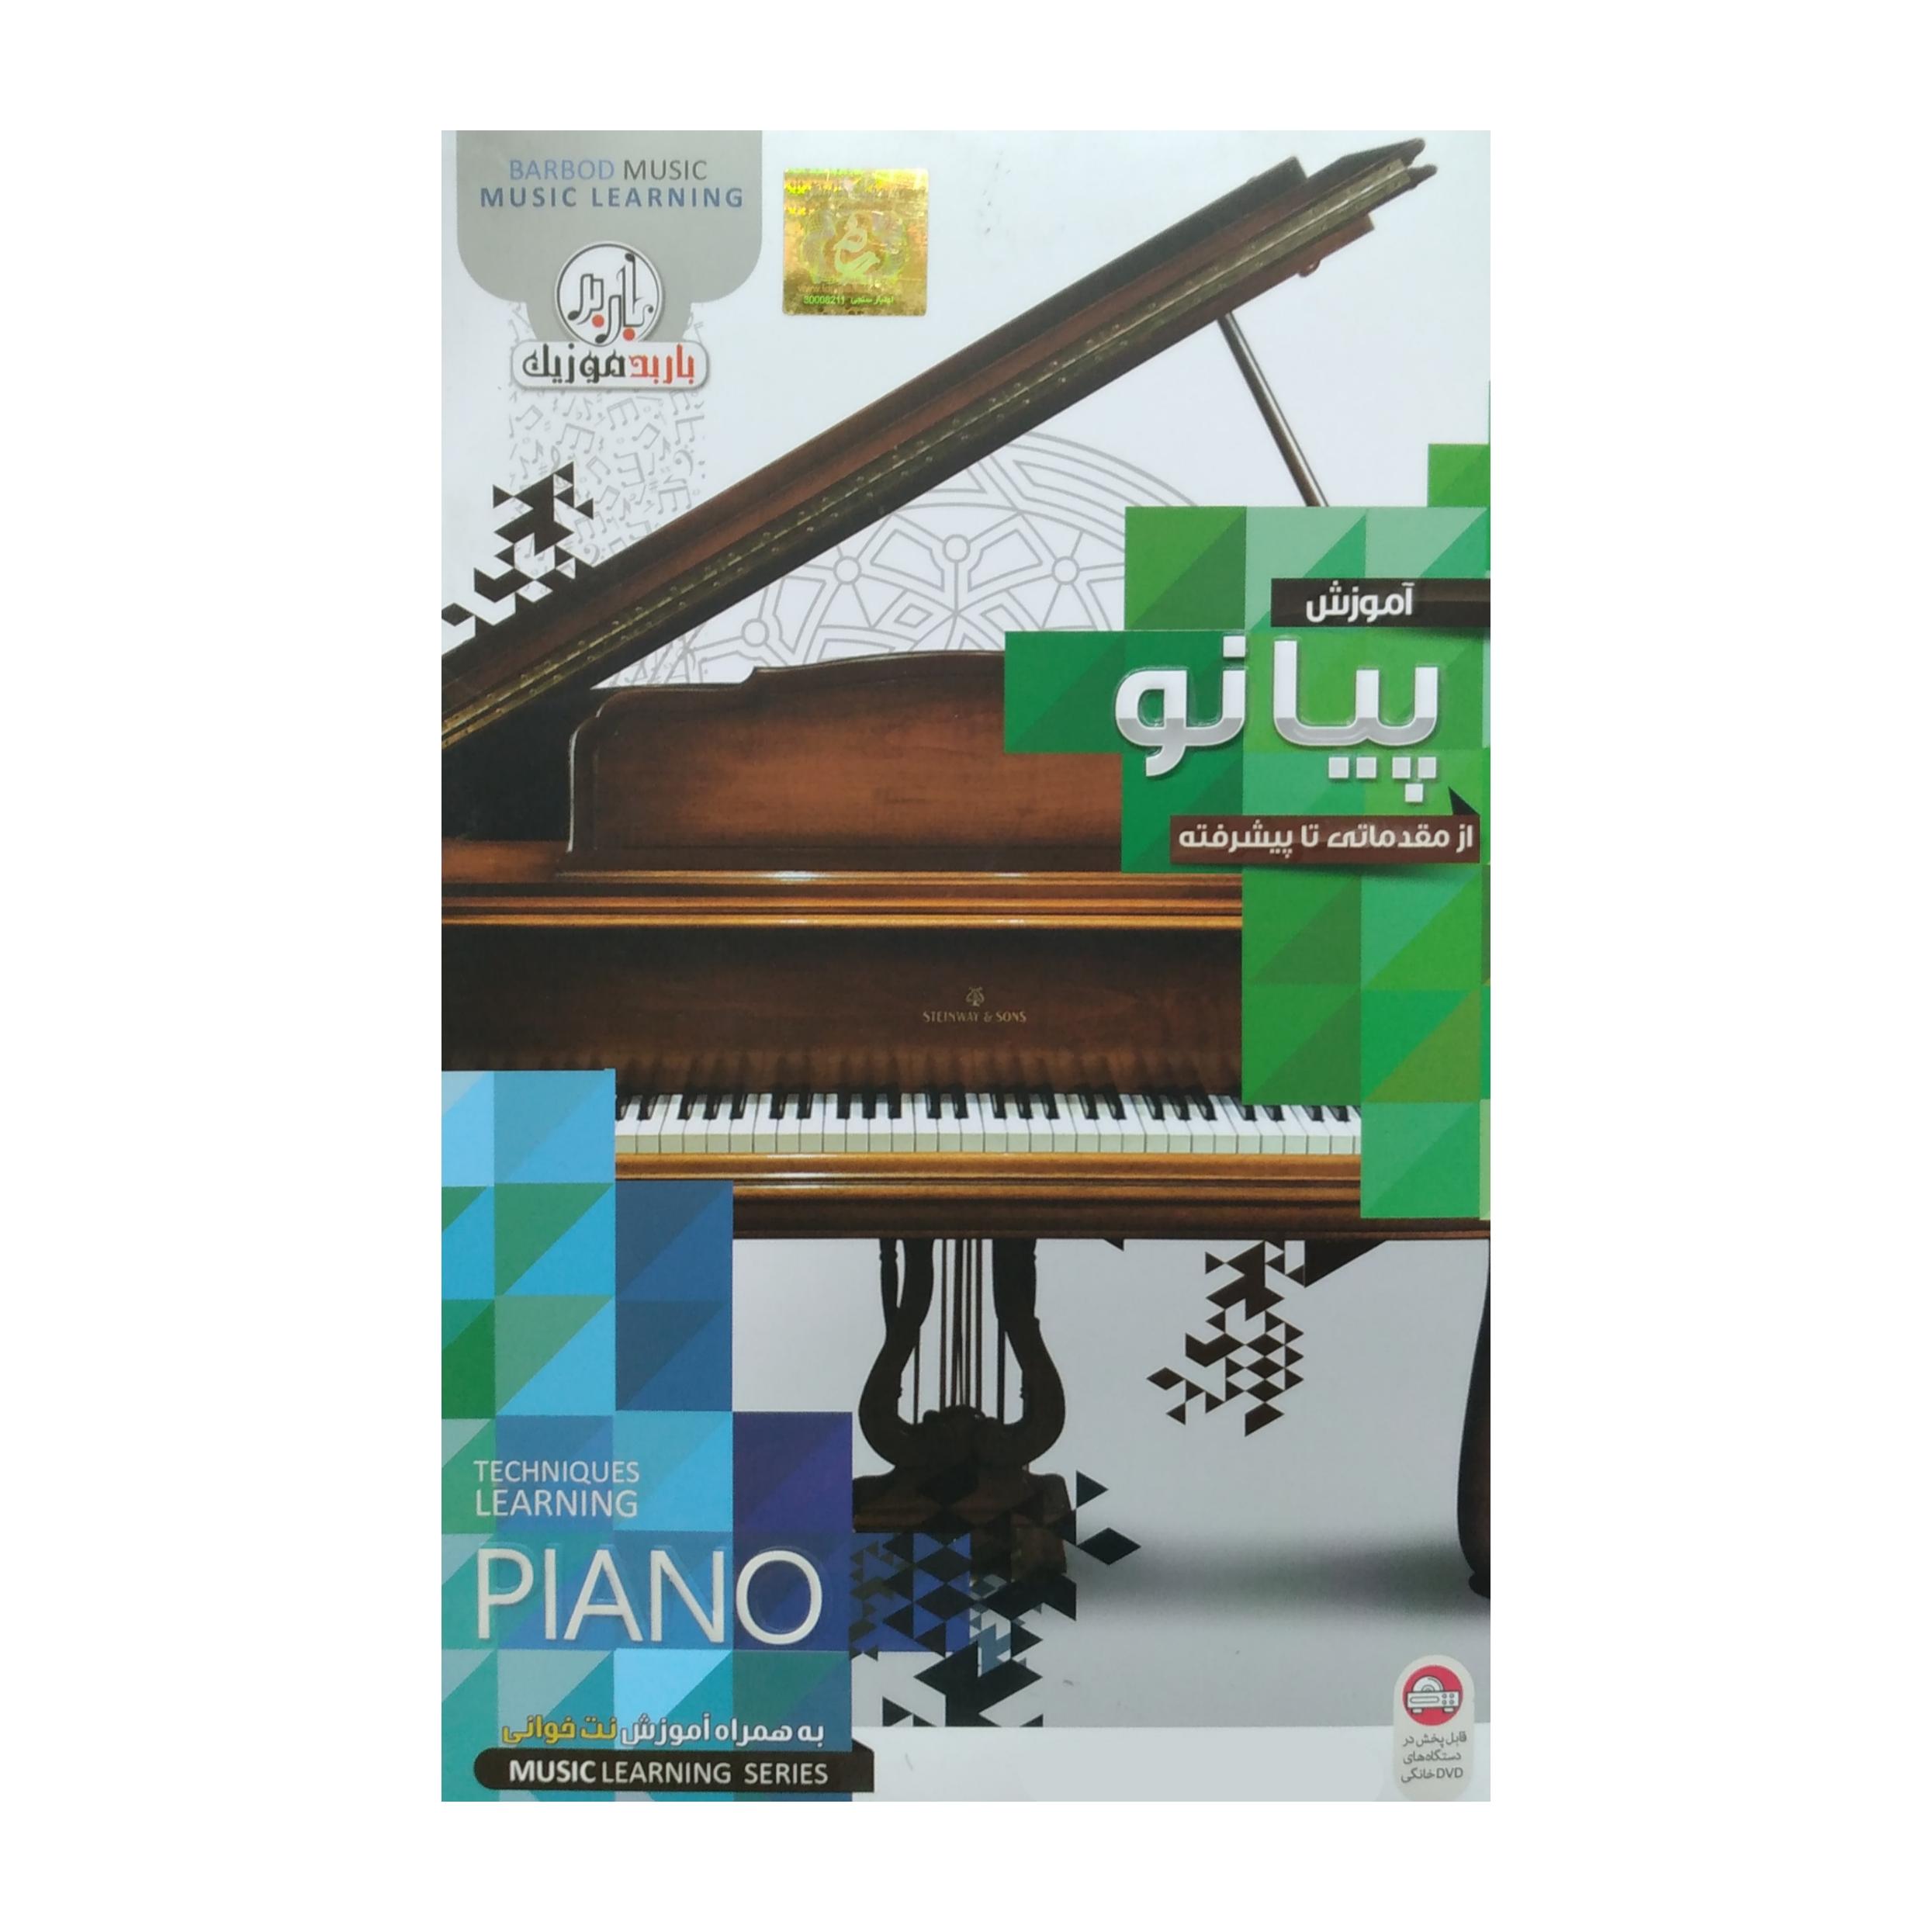 آموزش مقدماتی تا پیشرفته پیانو نشر آوای باربد